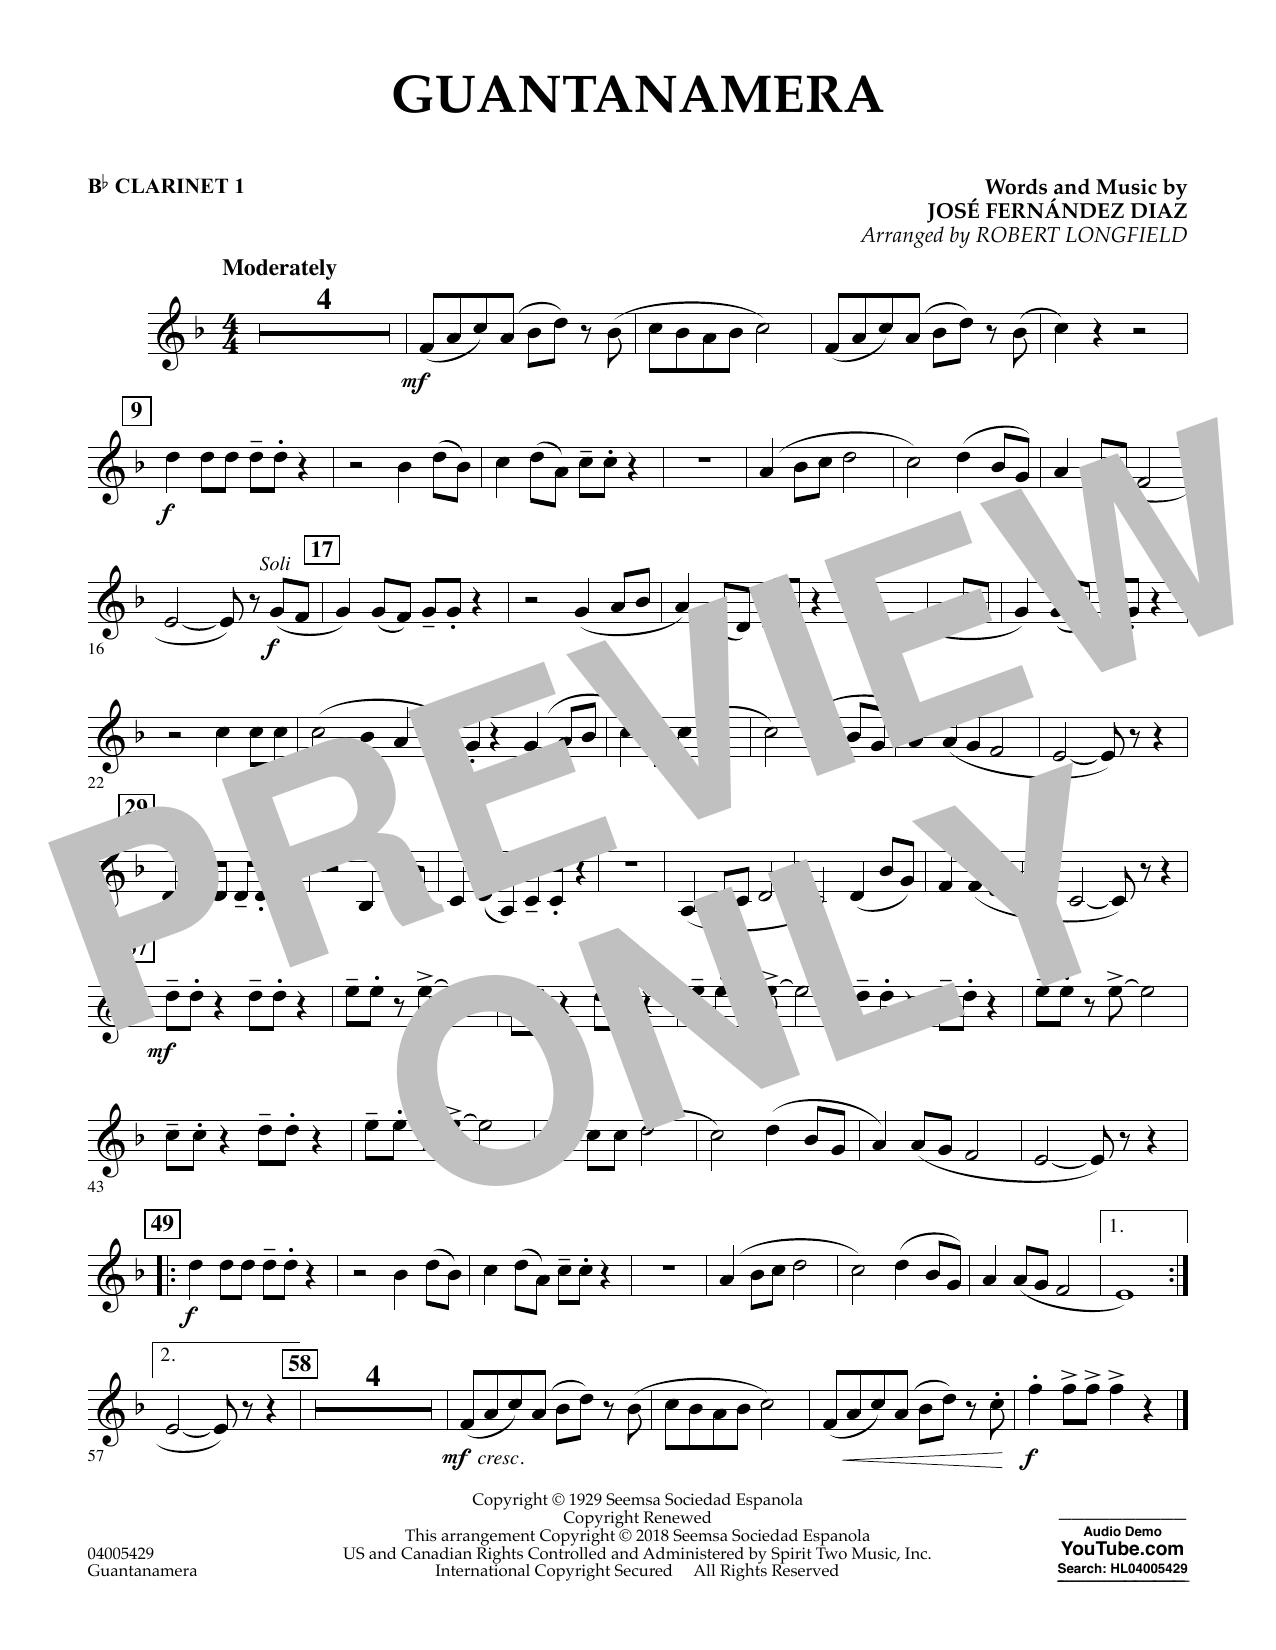 Guantanamera - Bb Clarinet 1 (Concert Band)